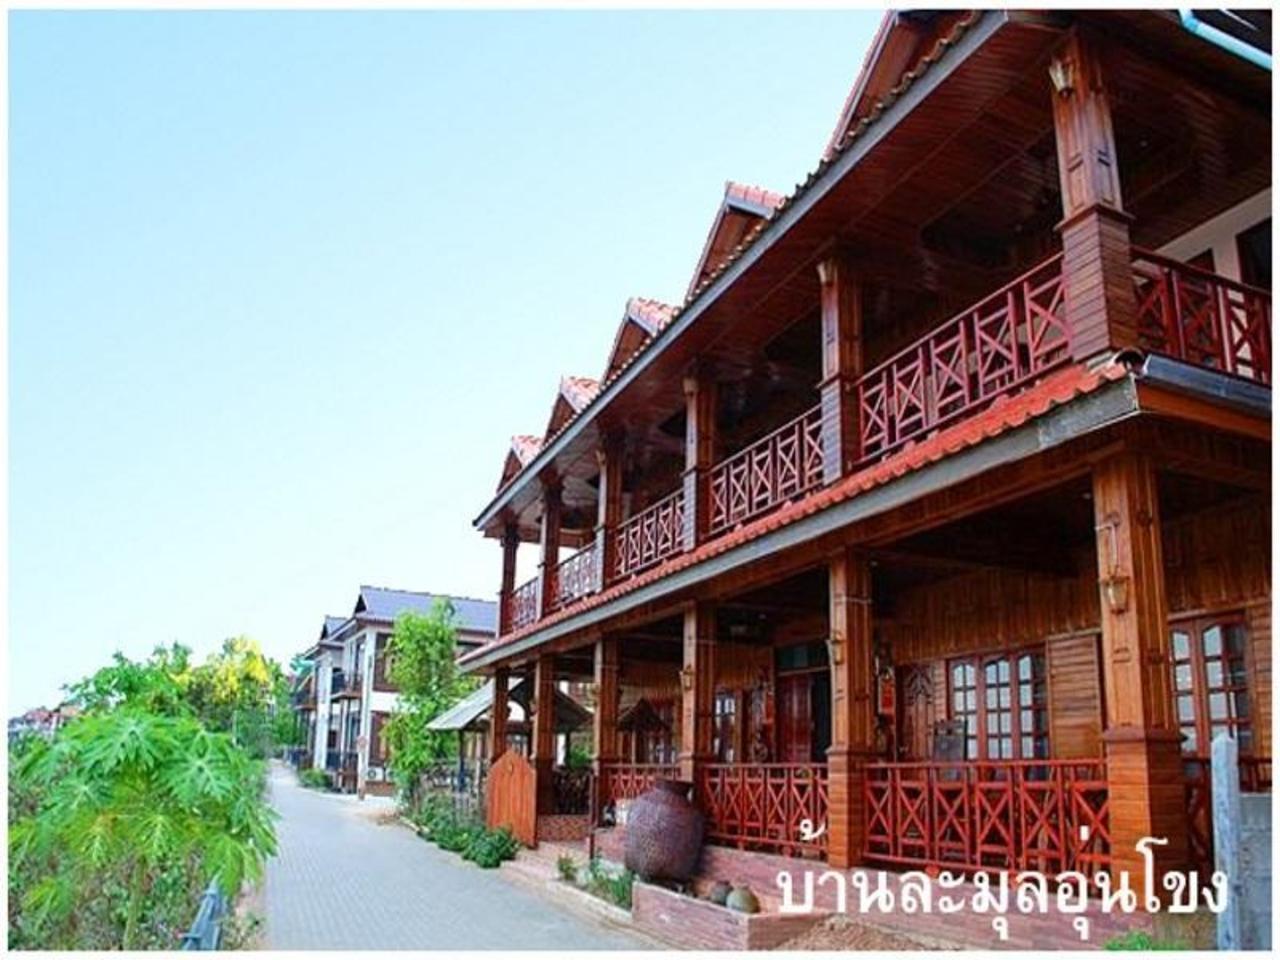 โรงแรมบ้านละมุนอุ่นโขง (Bann Lamoonaoonkhong Hotel)